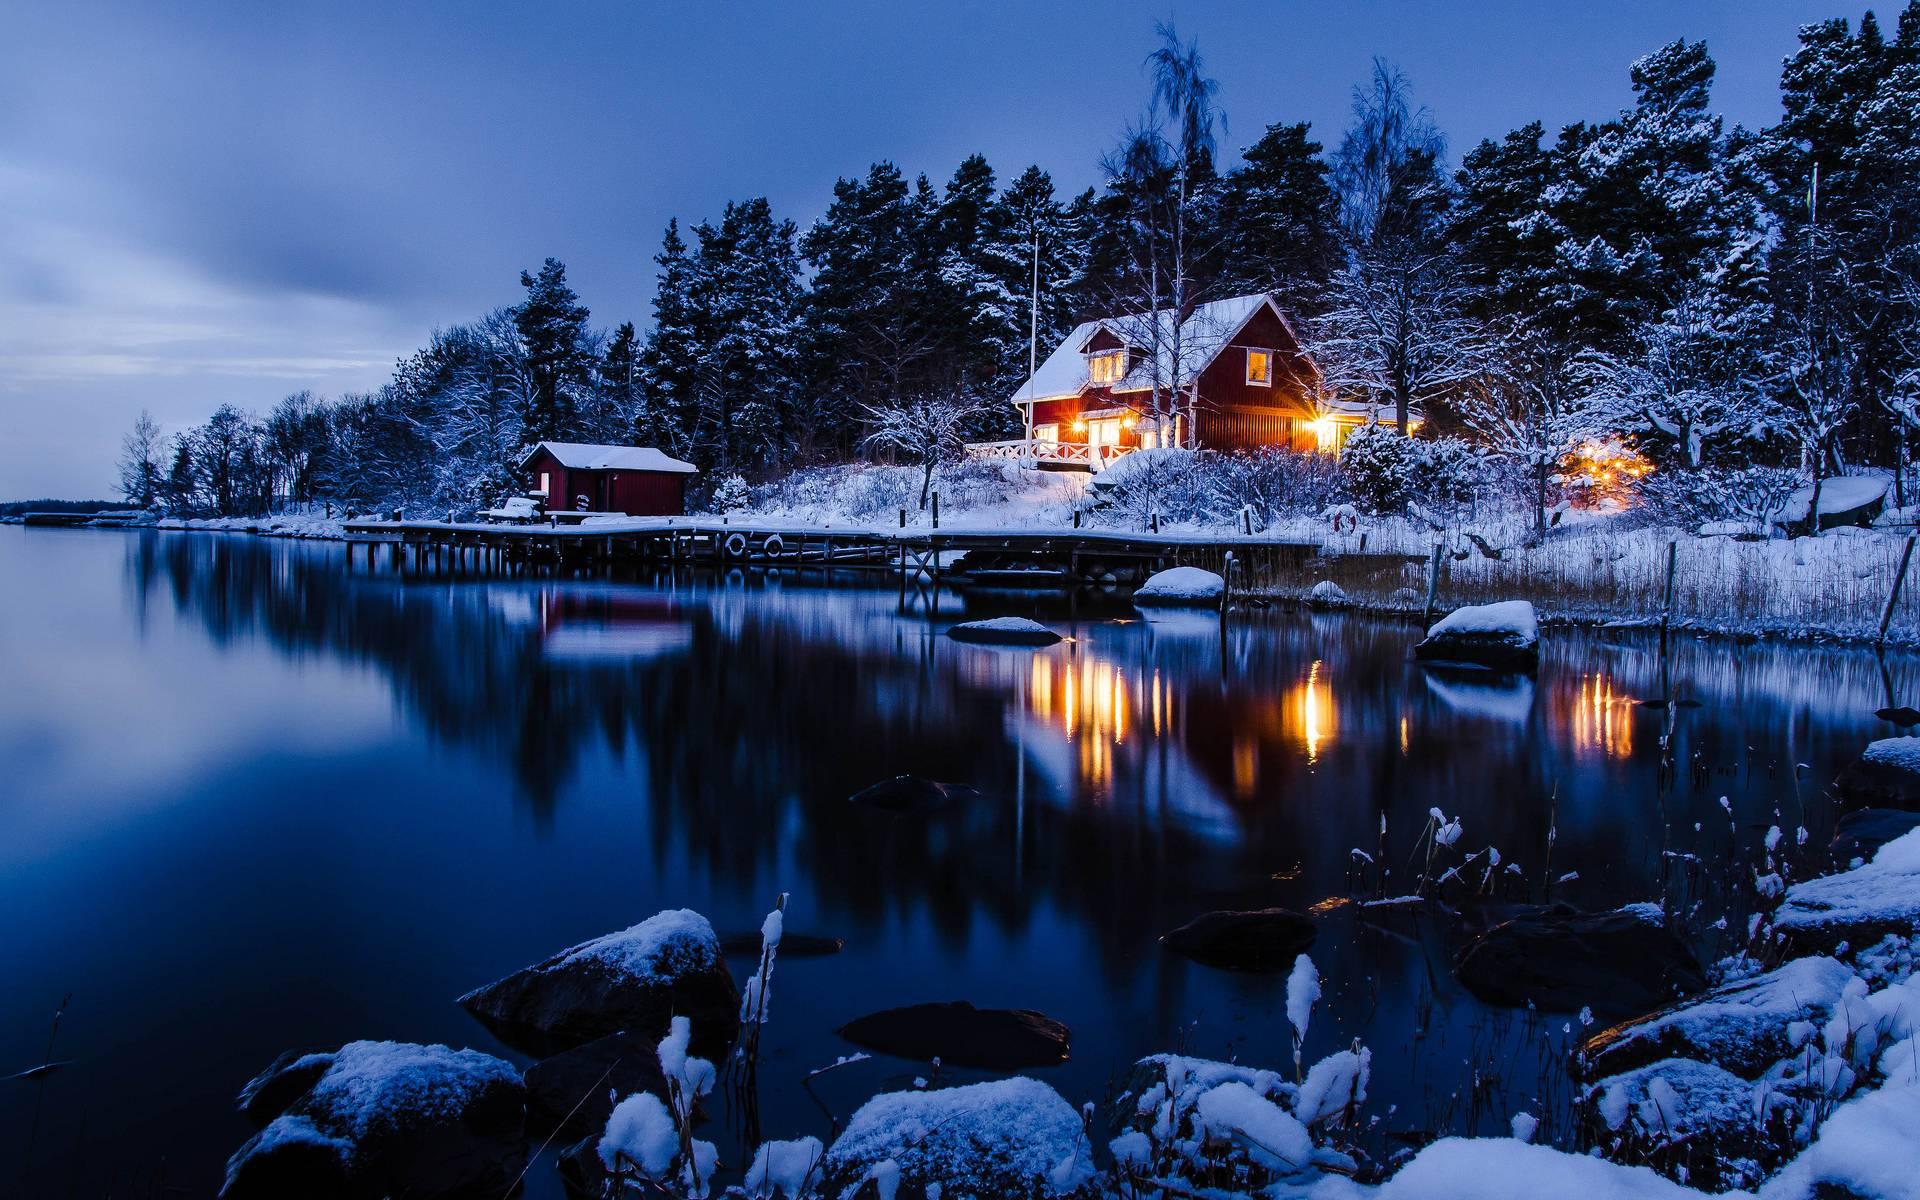 Winter Night Desktop Wallpapers Top Free Winter Night Desktop Backgrounds Wallpaperaccess